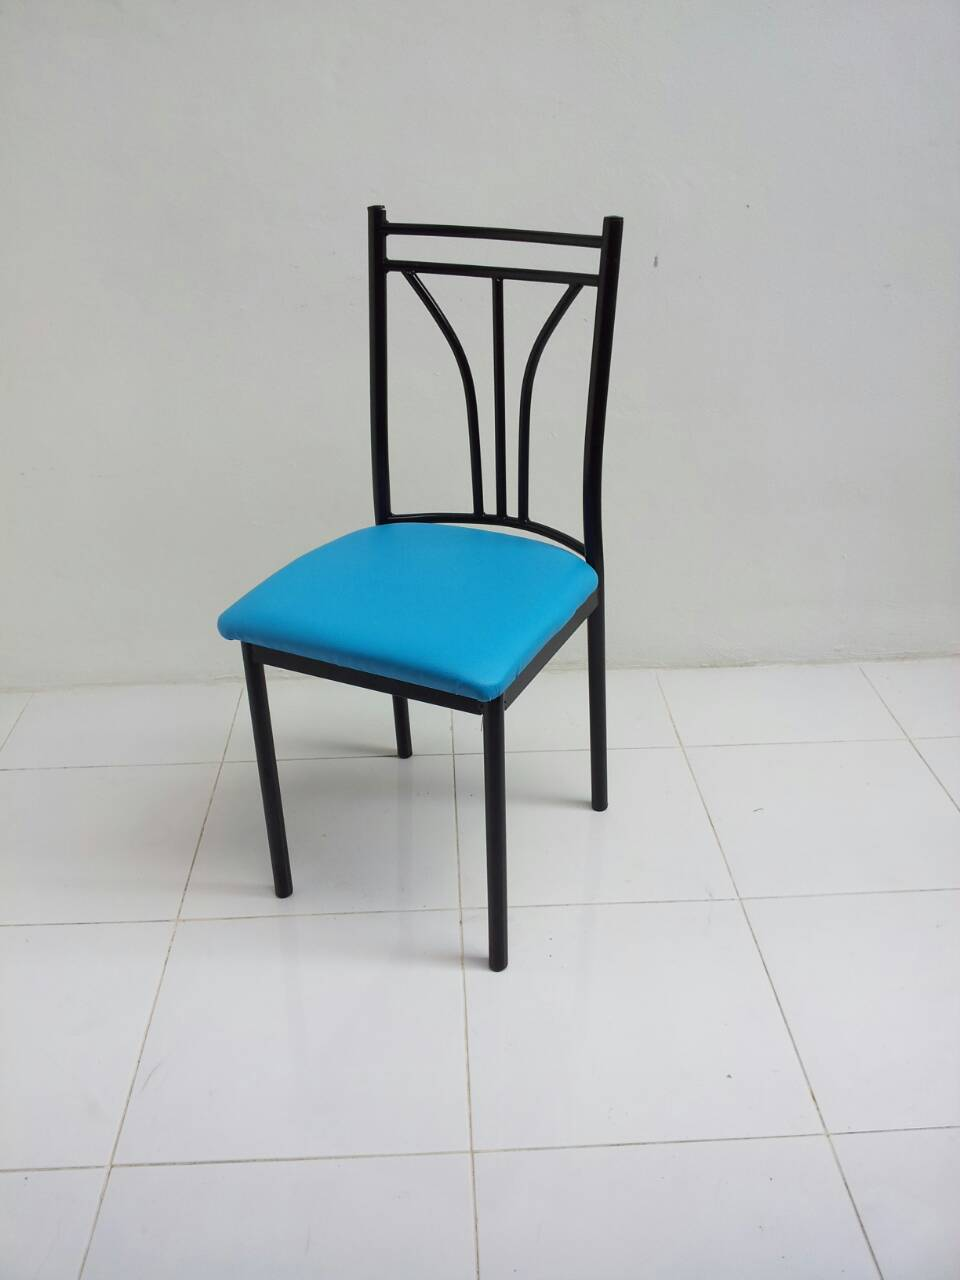 เก้าอี้อาหาร โครงเหล็ก รุ่น จอร์เจียร์ 1